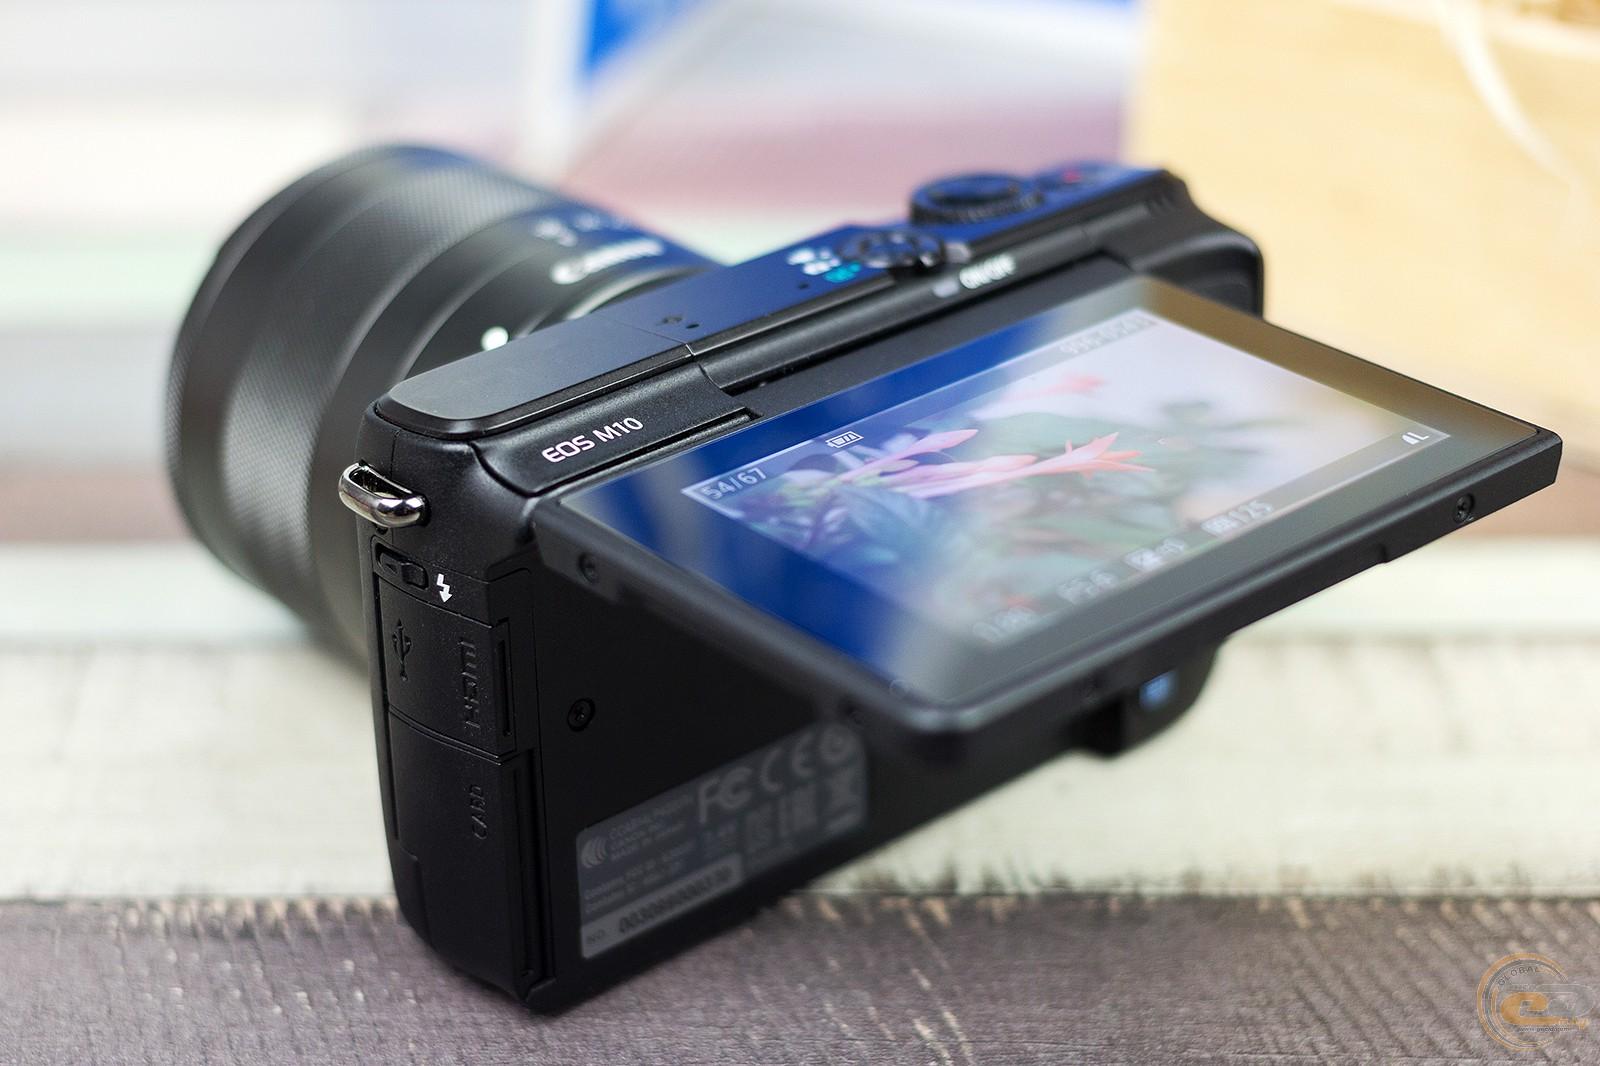 независимый тест компактных фотоаппаратов соцсетей